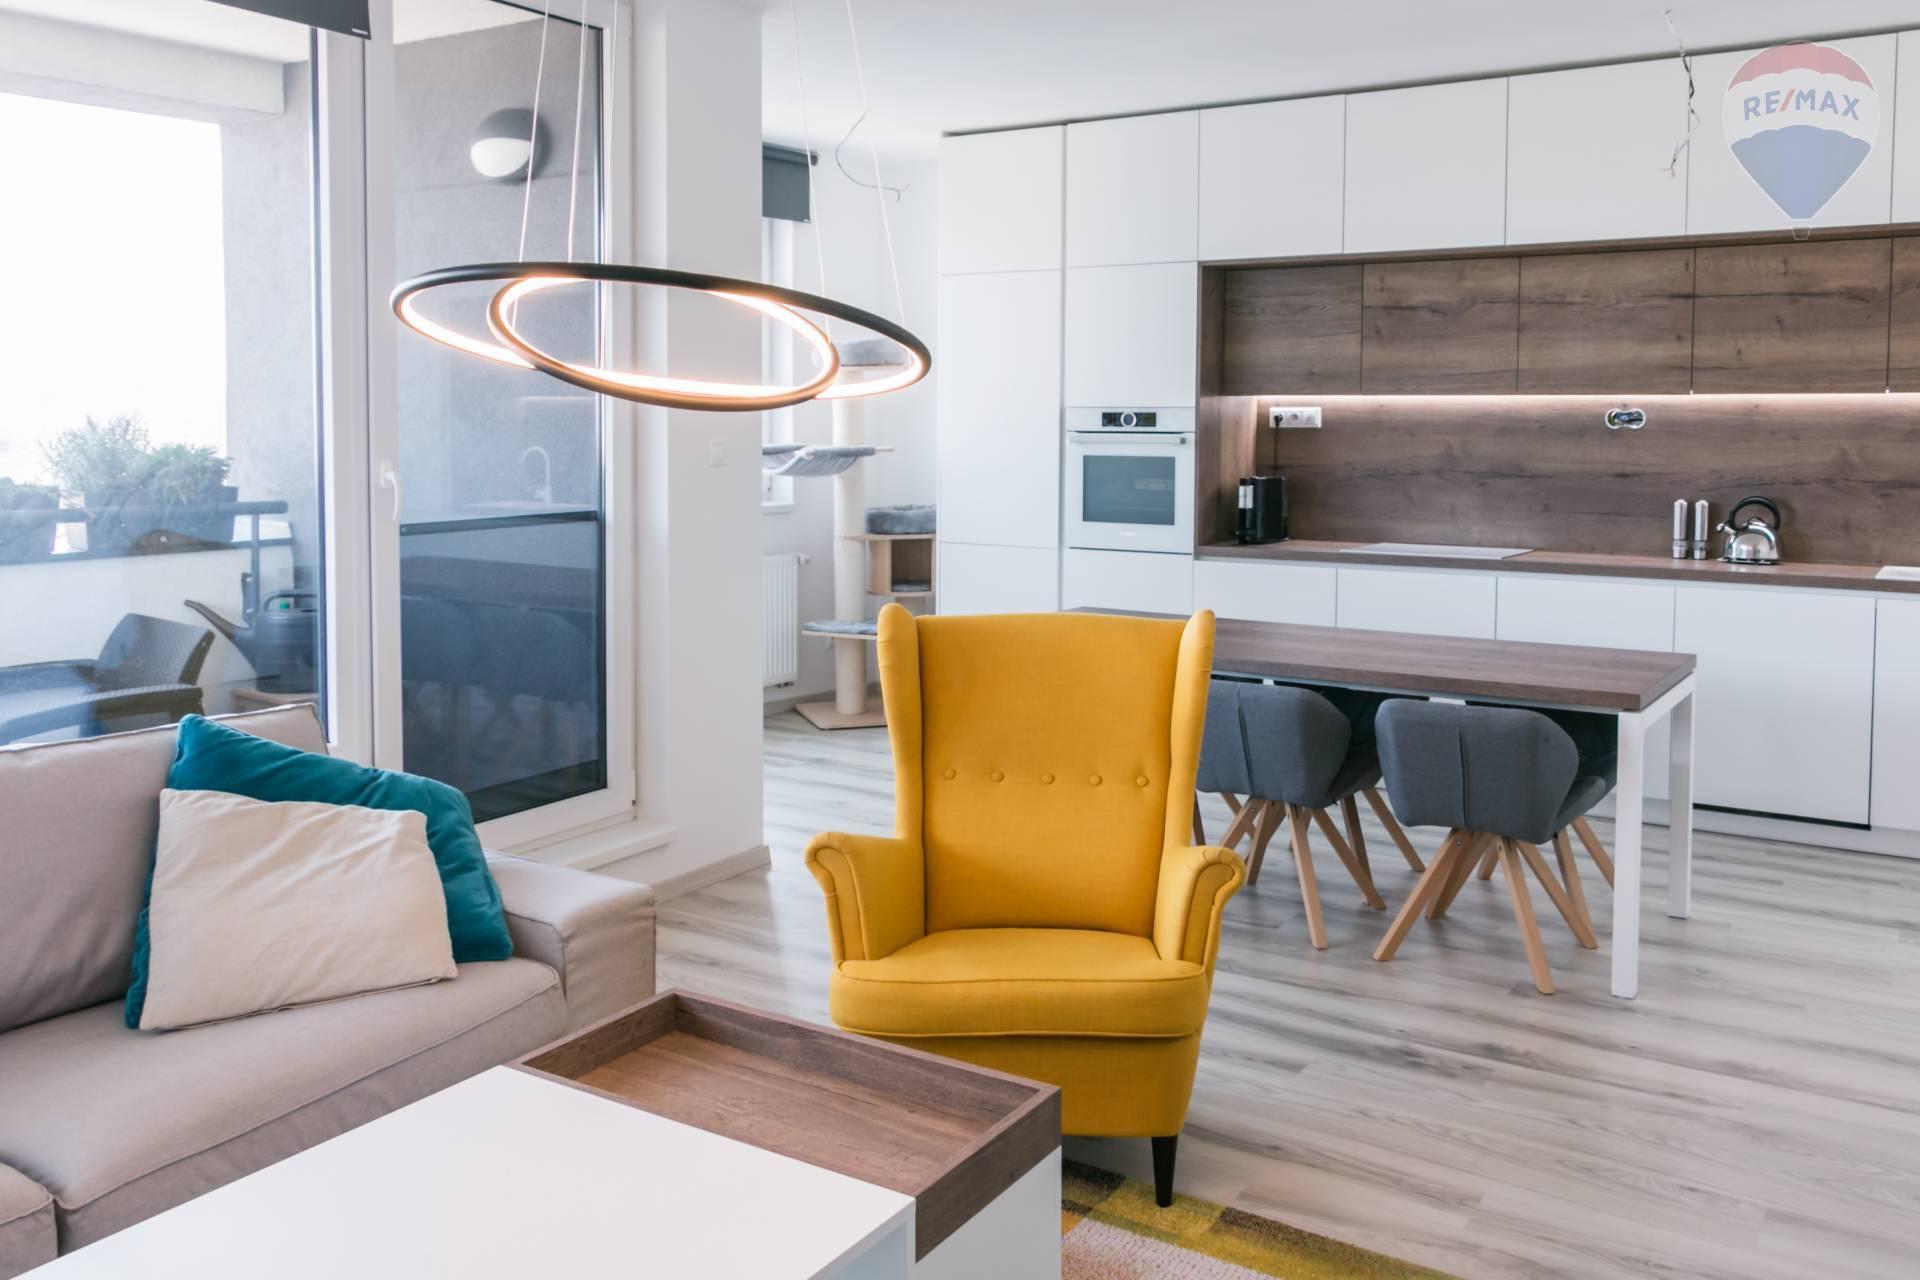 *** NA PREDAJ *** krásny 3 izbový byt v novostavbe, terasa, loggia, parkovanie